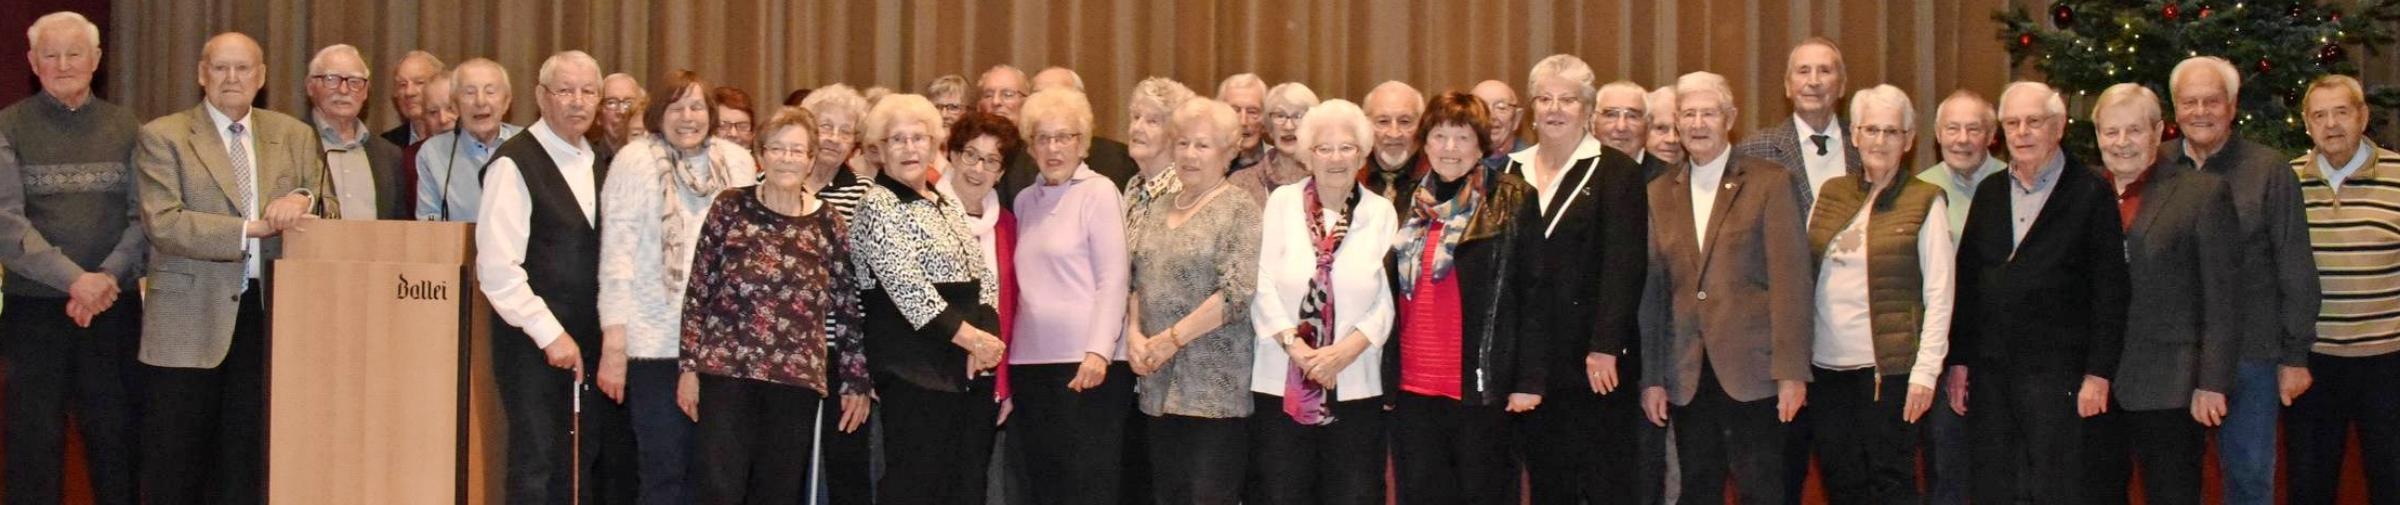 Wenn sich die über 80-jährigen Teilnehmer der Jahresabschlussfeier der Sport-Union zum traditionellen Foto versammeln, wird es Jahr um Jahr enger auf der Bühne.